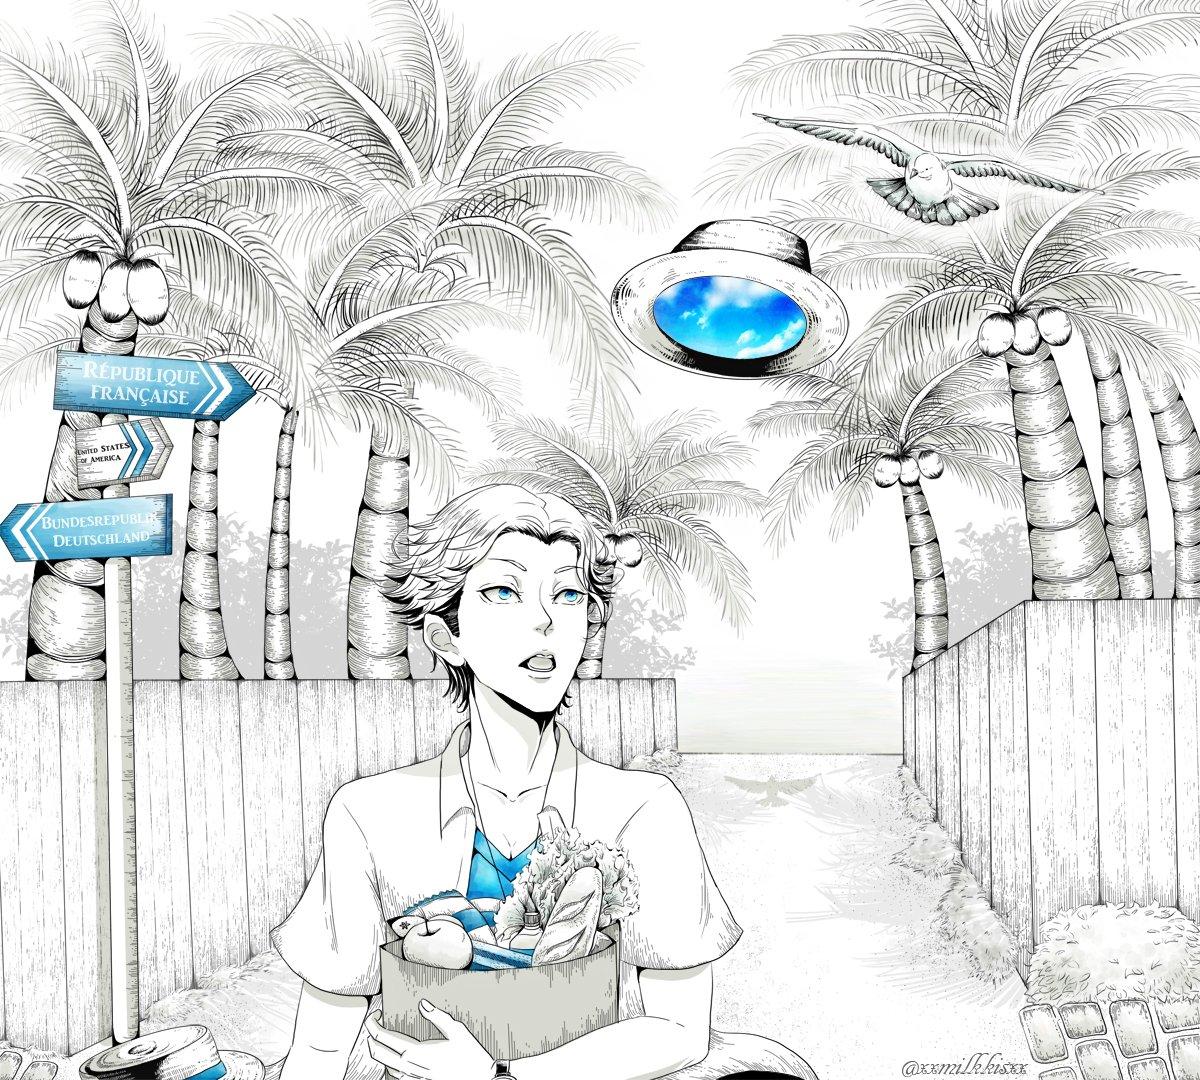 【拝啓、親愛なる化け物たちへ】「2, 自由な貴様へ」ジョーカー・ゲーム/甘利◆Next→???#拝啓親愛なる化け物たちへ